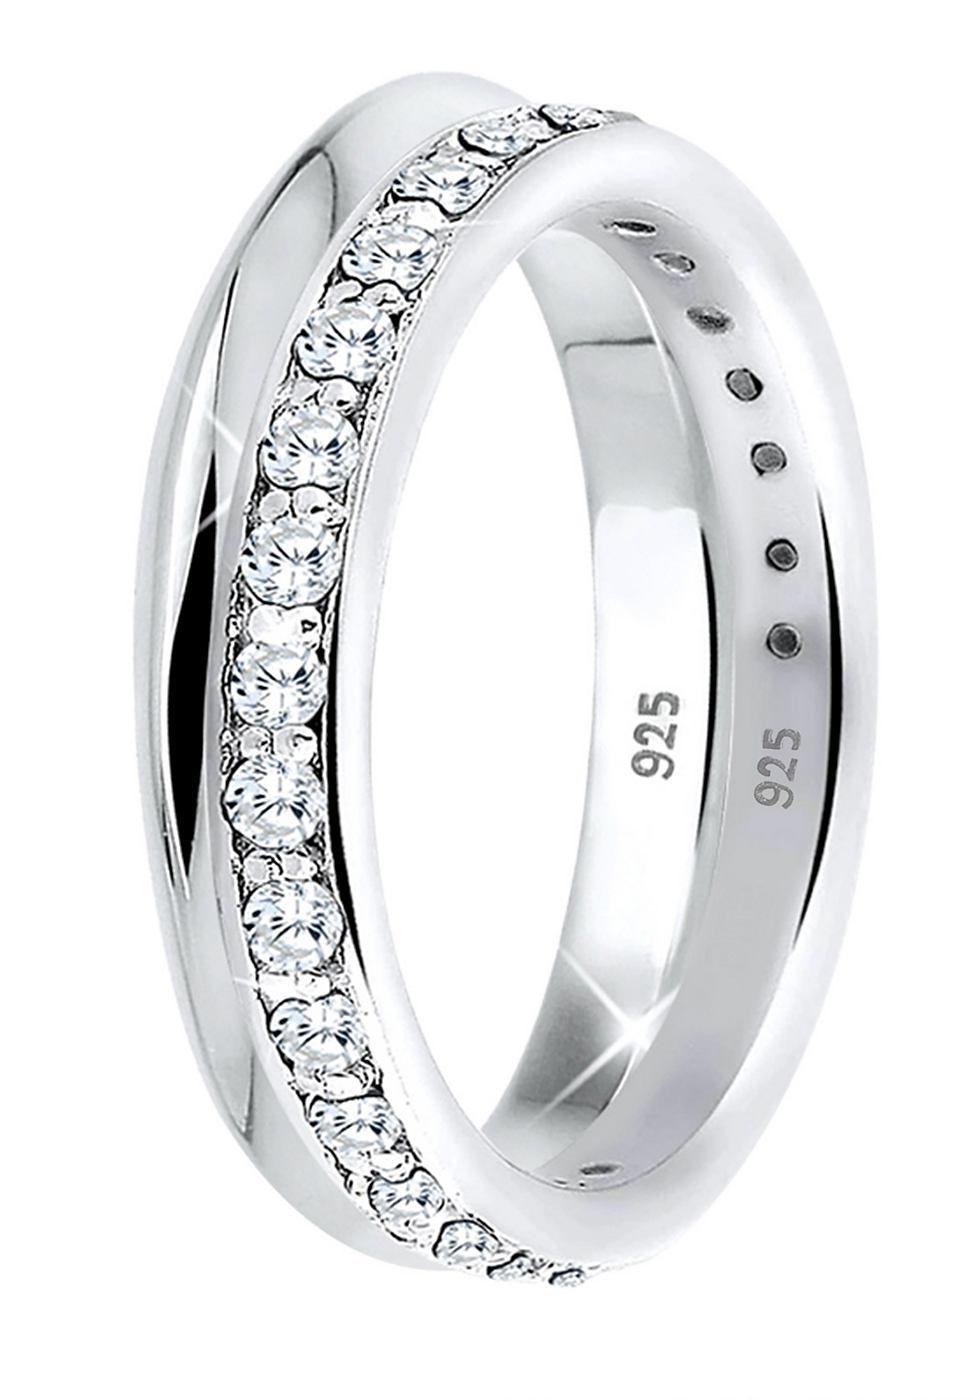 """Einzeln faszinierend, zusammen traumhaft schön. Zwei elegante 925er Sterling Silber Ringe im Set - einzeln oder zusammen tragbar. 1 Ring besetzt mit 25 weißen Zirkonia (1.5mm) in Reihenfassung und 1 Ring klassisch schlicht. Die Ringe sind hochglanzpoliert und in hochwertiger Juweliersqualität gearbeitet.  Weitere Hilfe zur Ringgröße:  Angegebene Größe in mm entspricht """"Ring Innen-Umfang"""", Umrec..."""